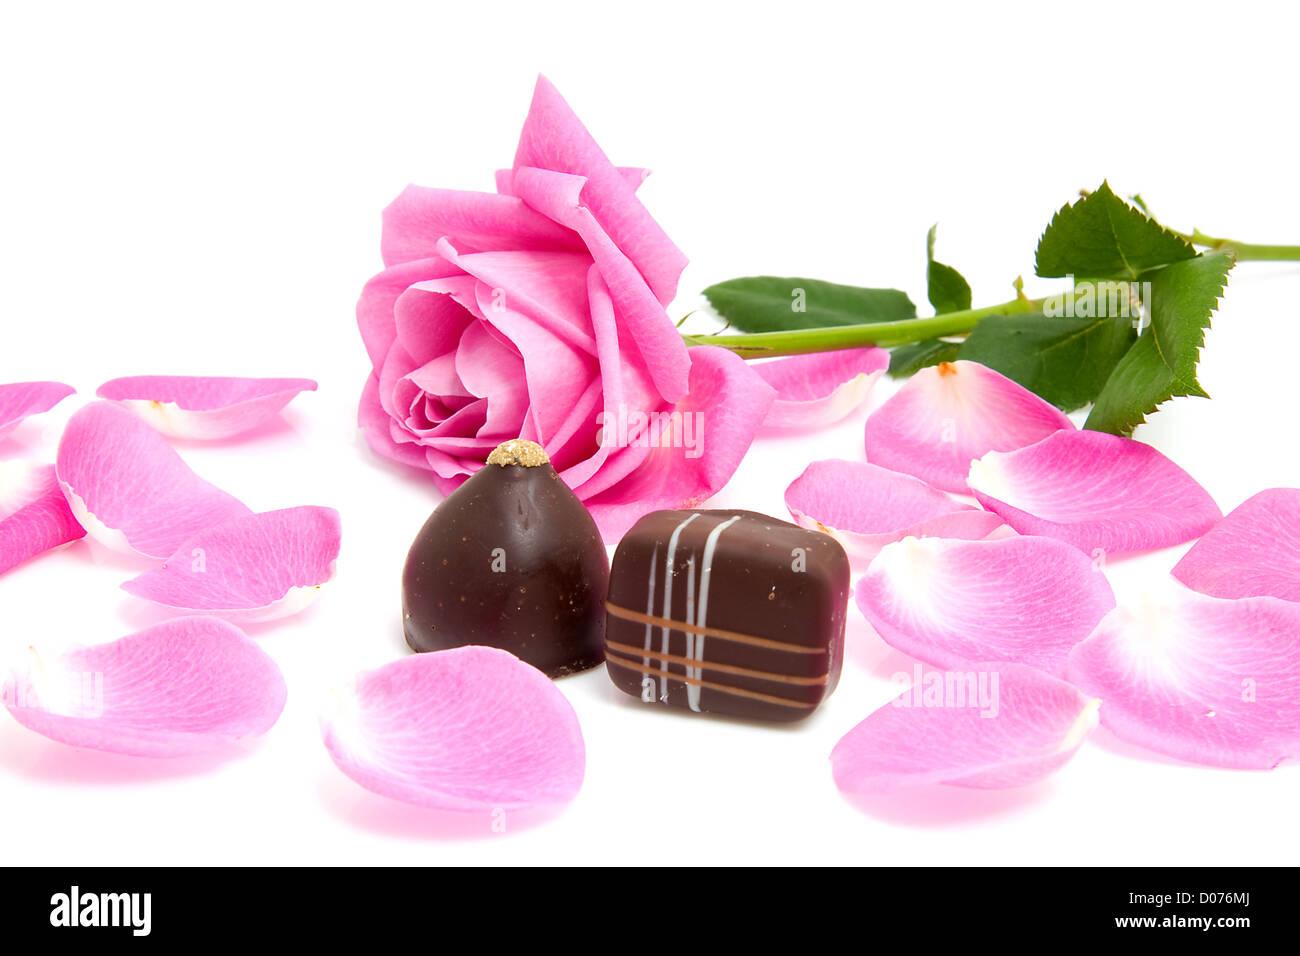 rosa Rose und Blätter mit Schokoladenbonbons zum Valentinstag auf weißem Hintergrund Stockbild